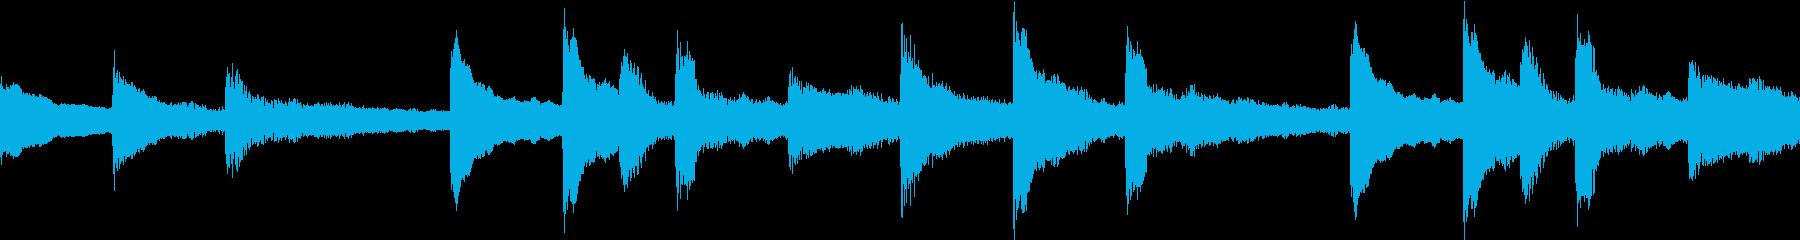 ミッドテンポで脈動する、やや神秘的...の再生済みの波形